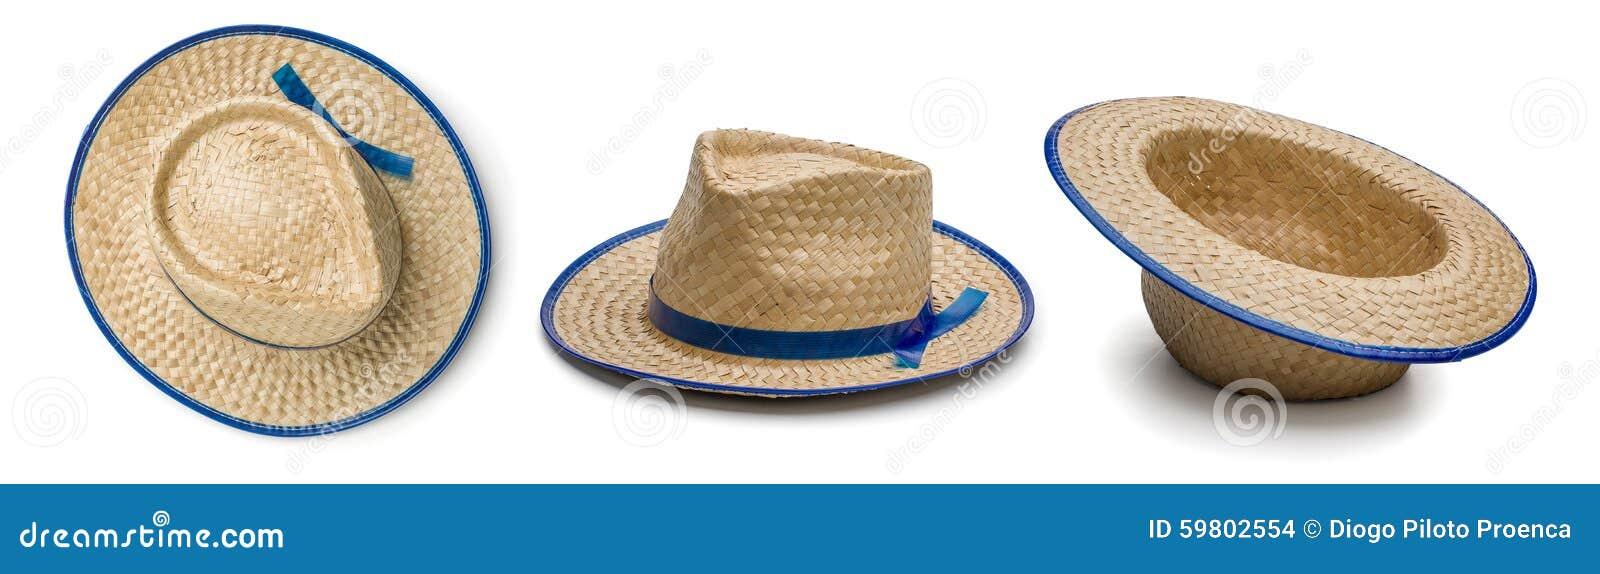 Sombrero Para El Festival De Junio Foto de archivo - Imagen de niño ...